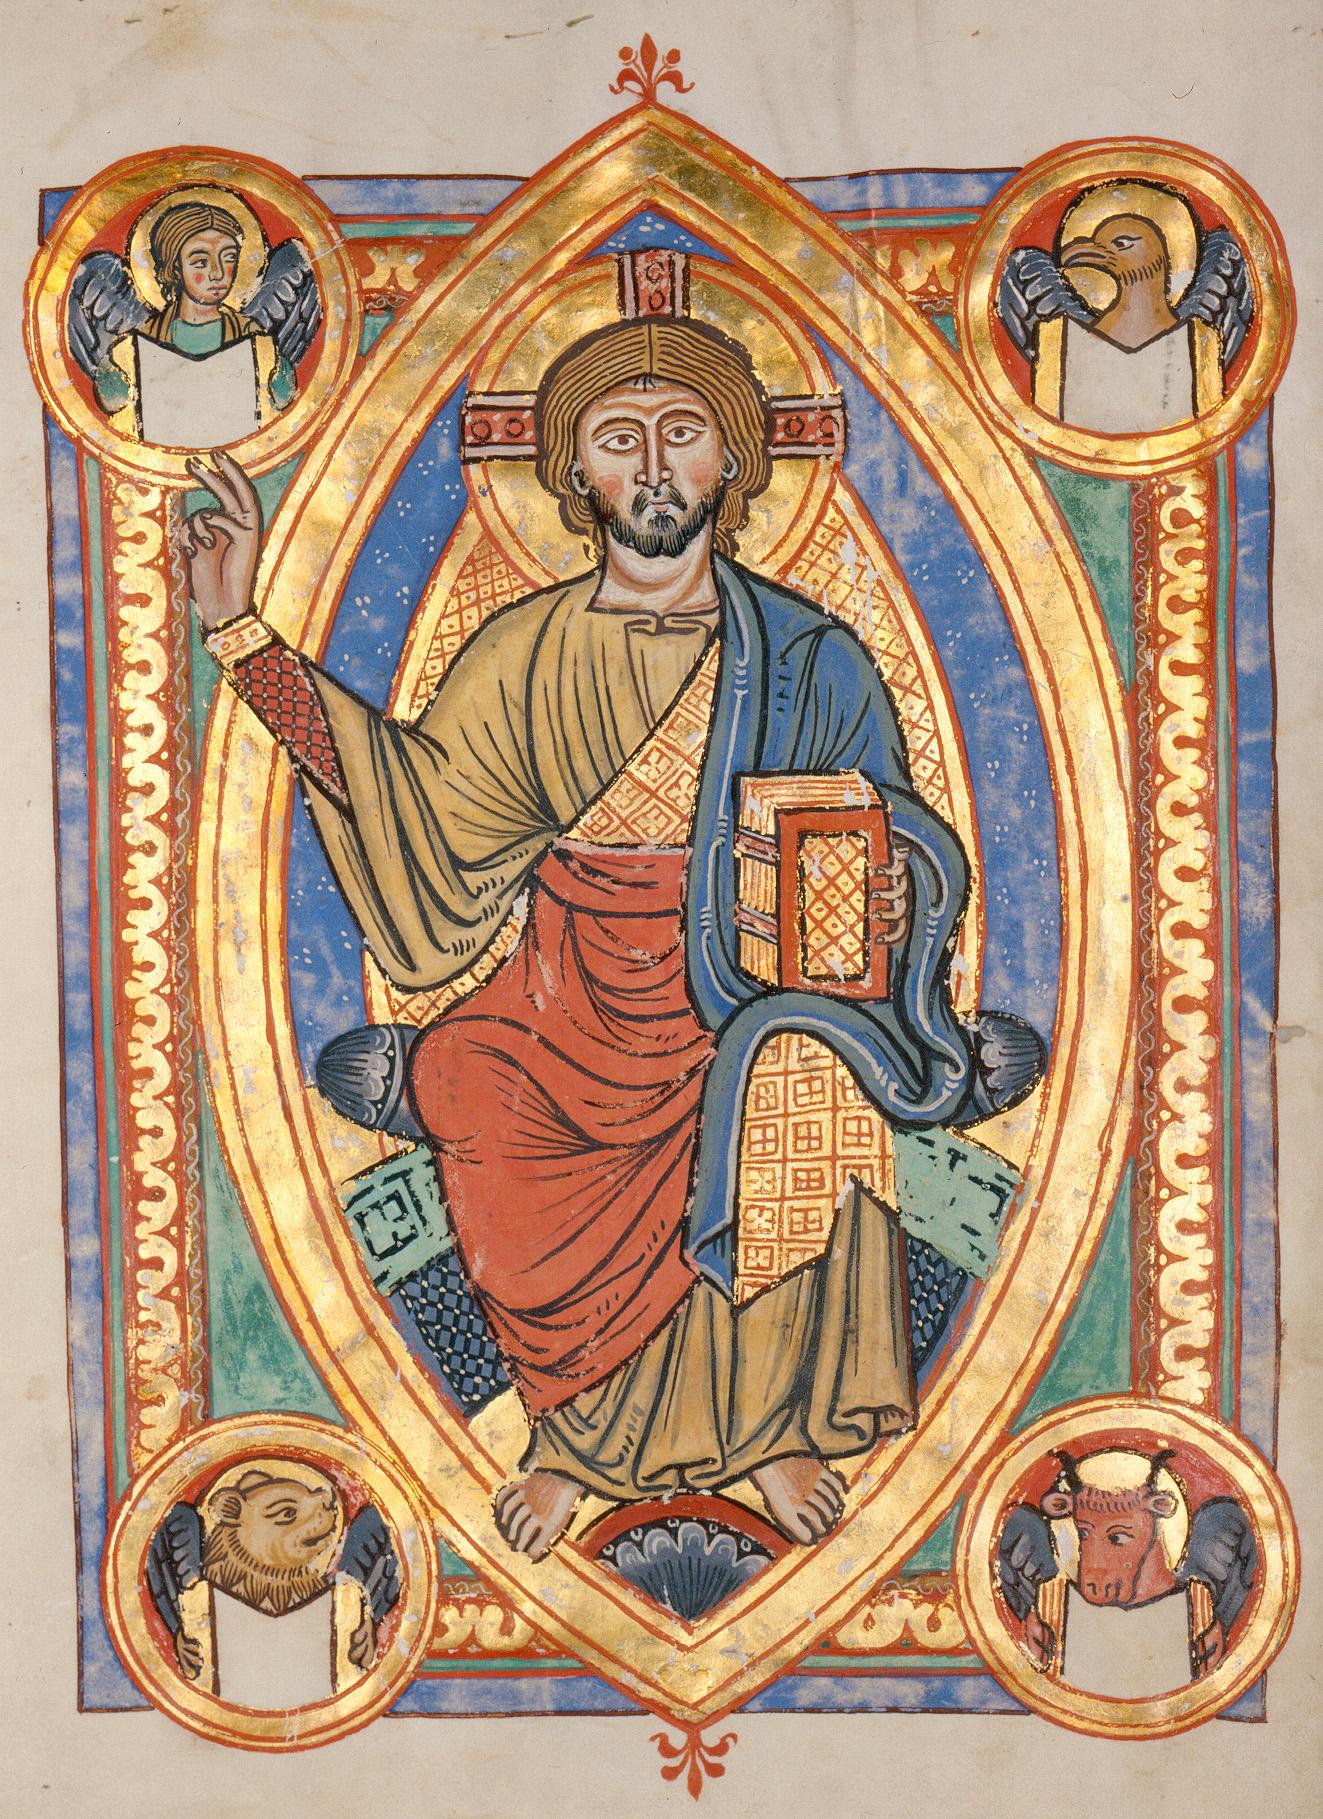 иллюстрация из средневекового манускрипта